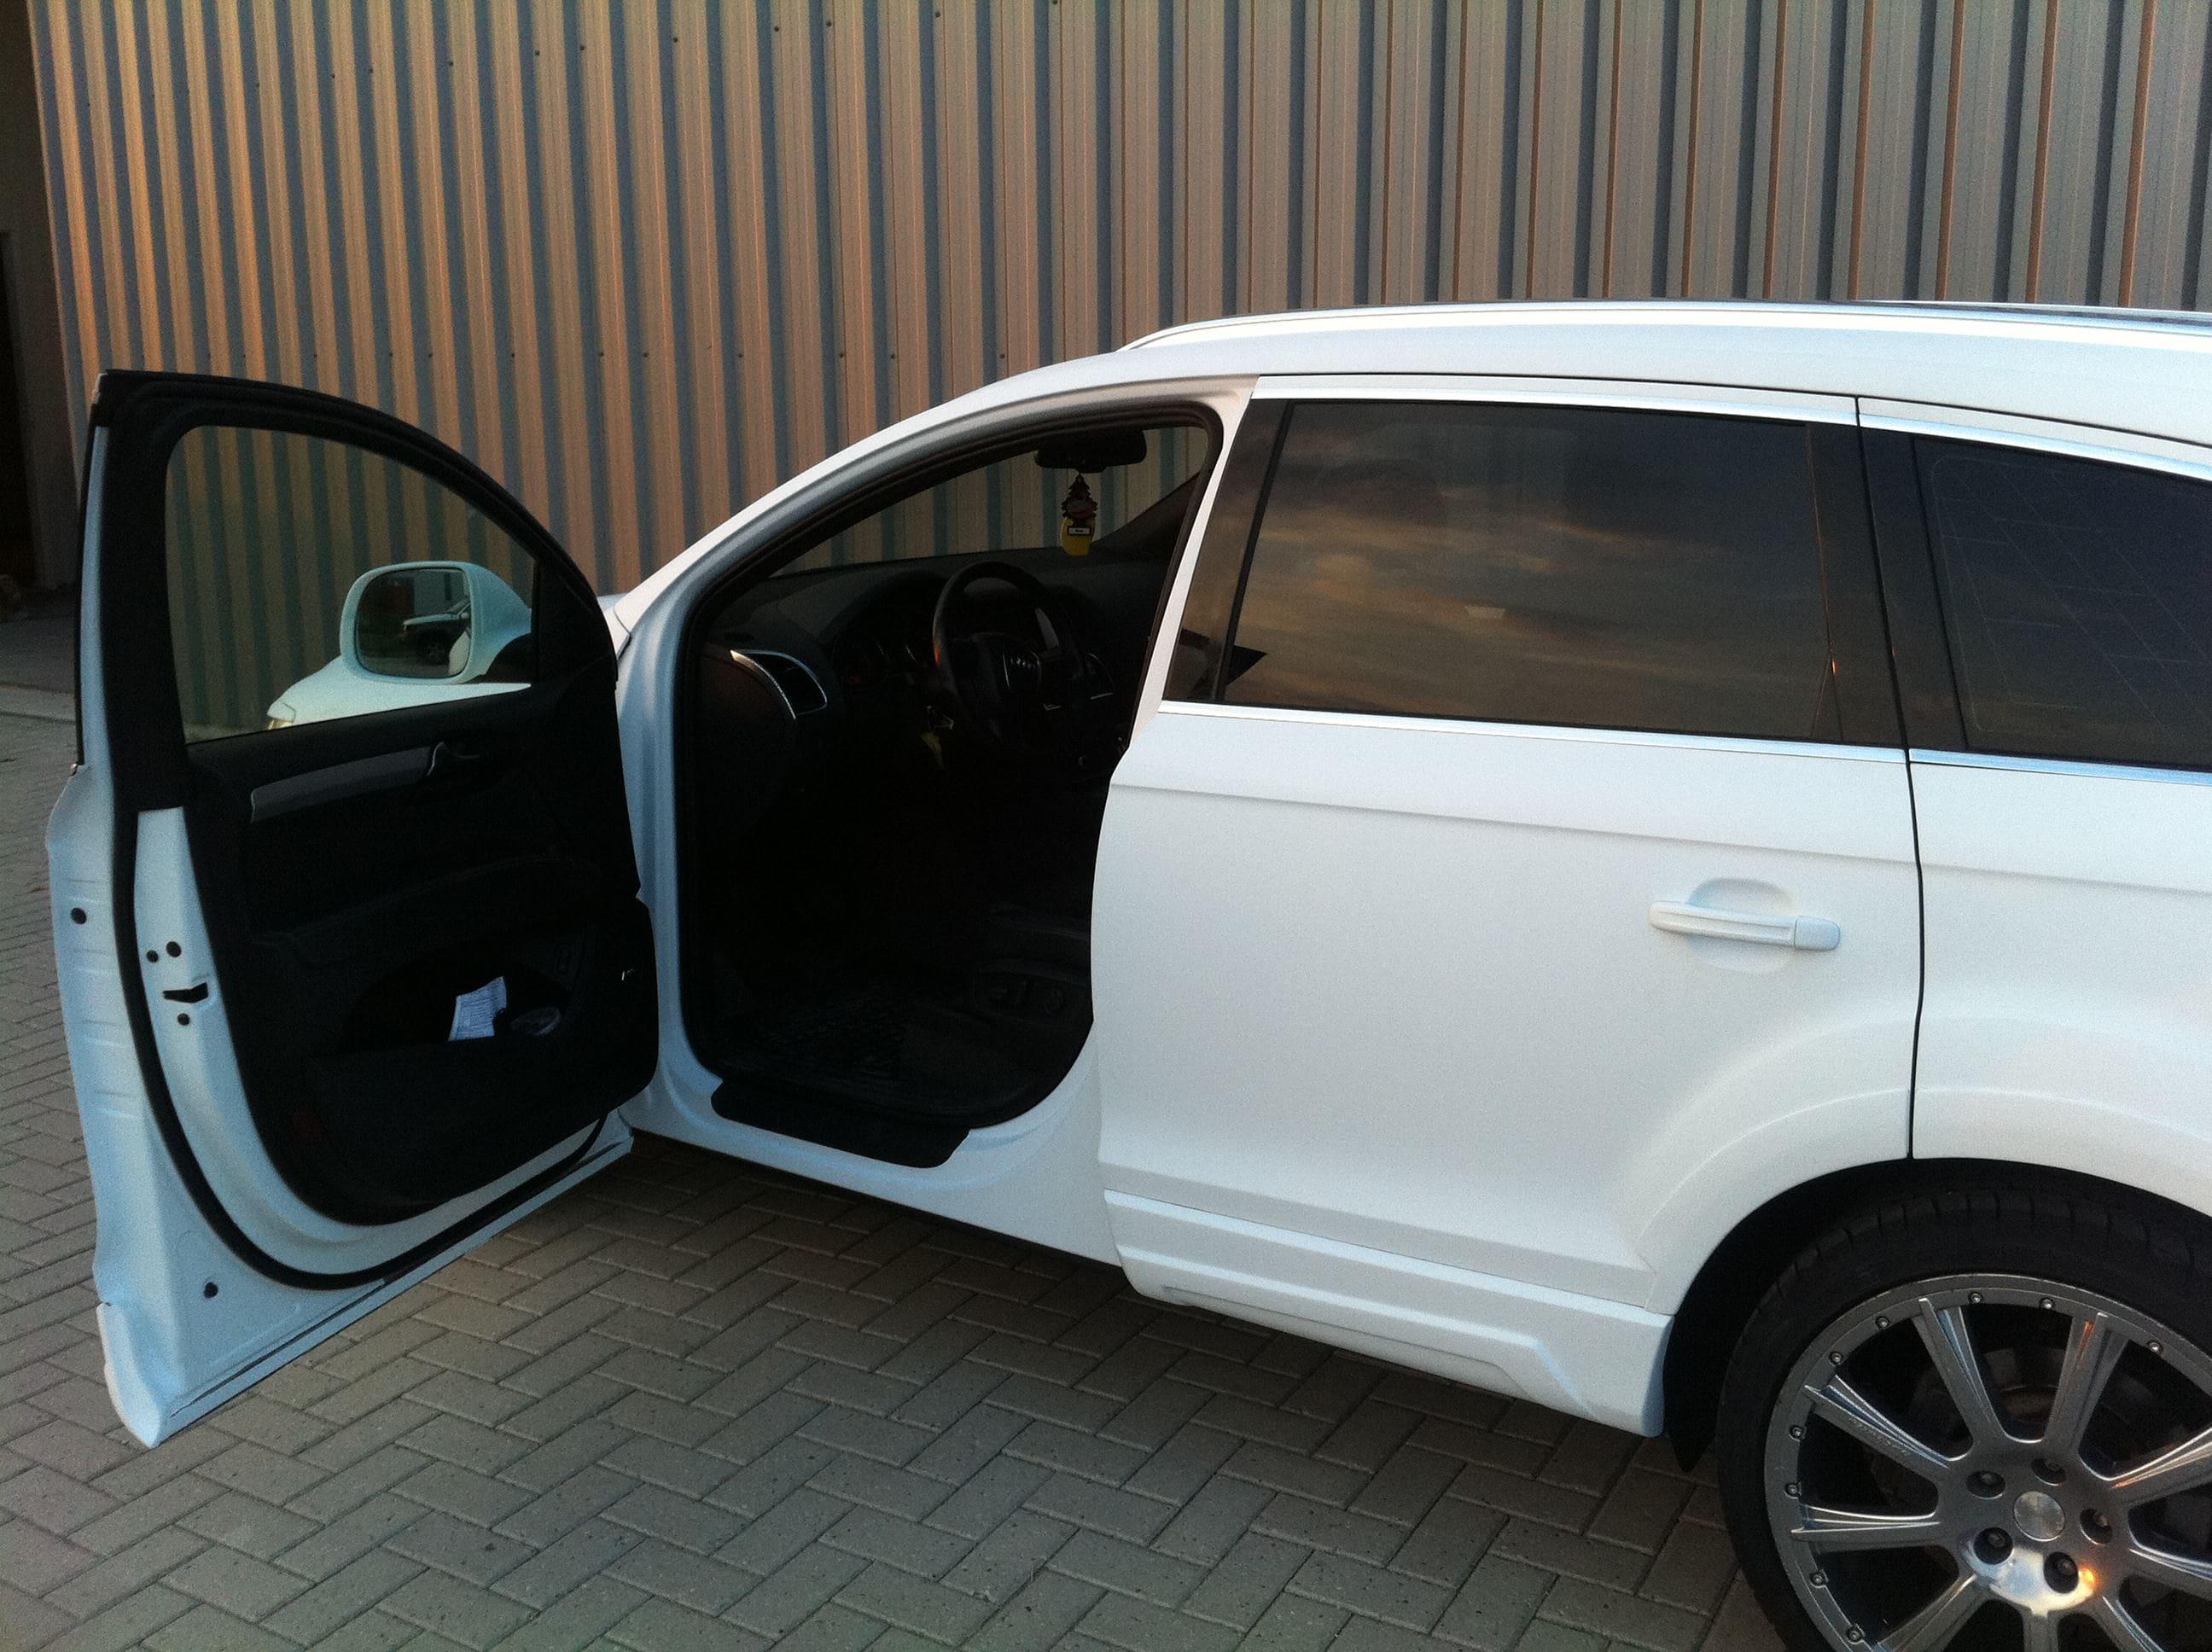 Audi Q7 met Mat Witte Wrap, Carwrapping door Wrapmyride.nu Foto-nr:4929, ©2021